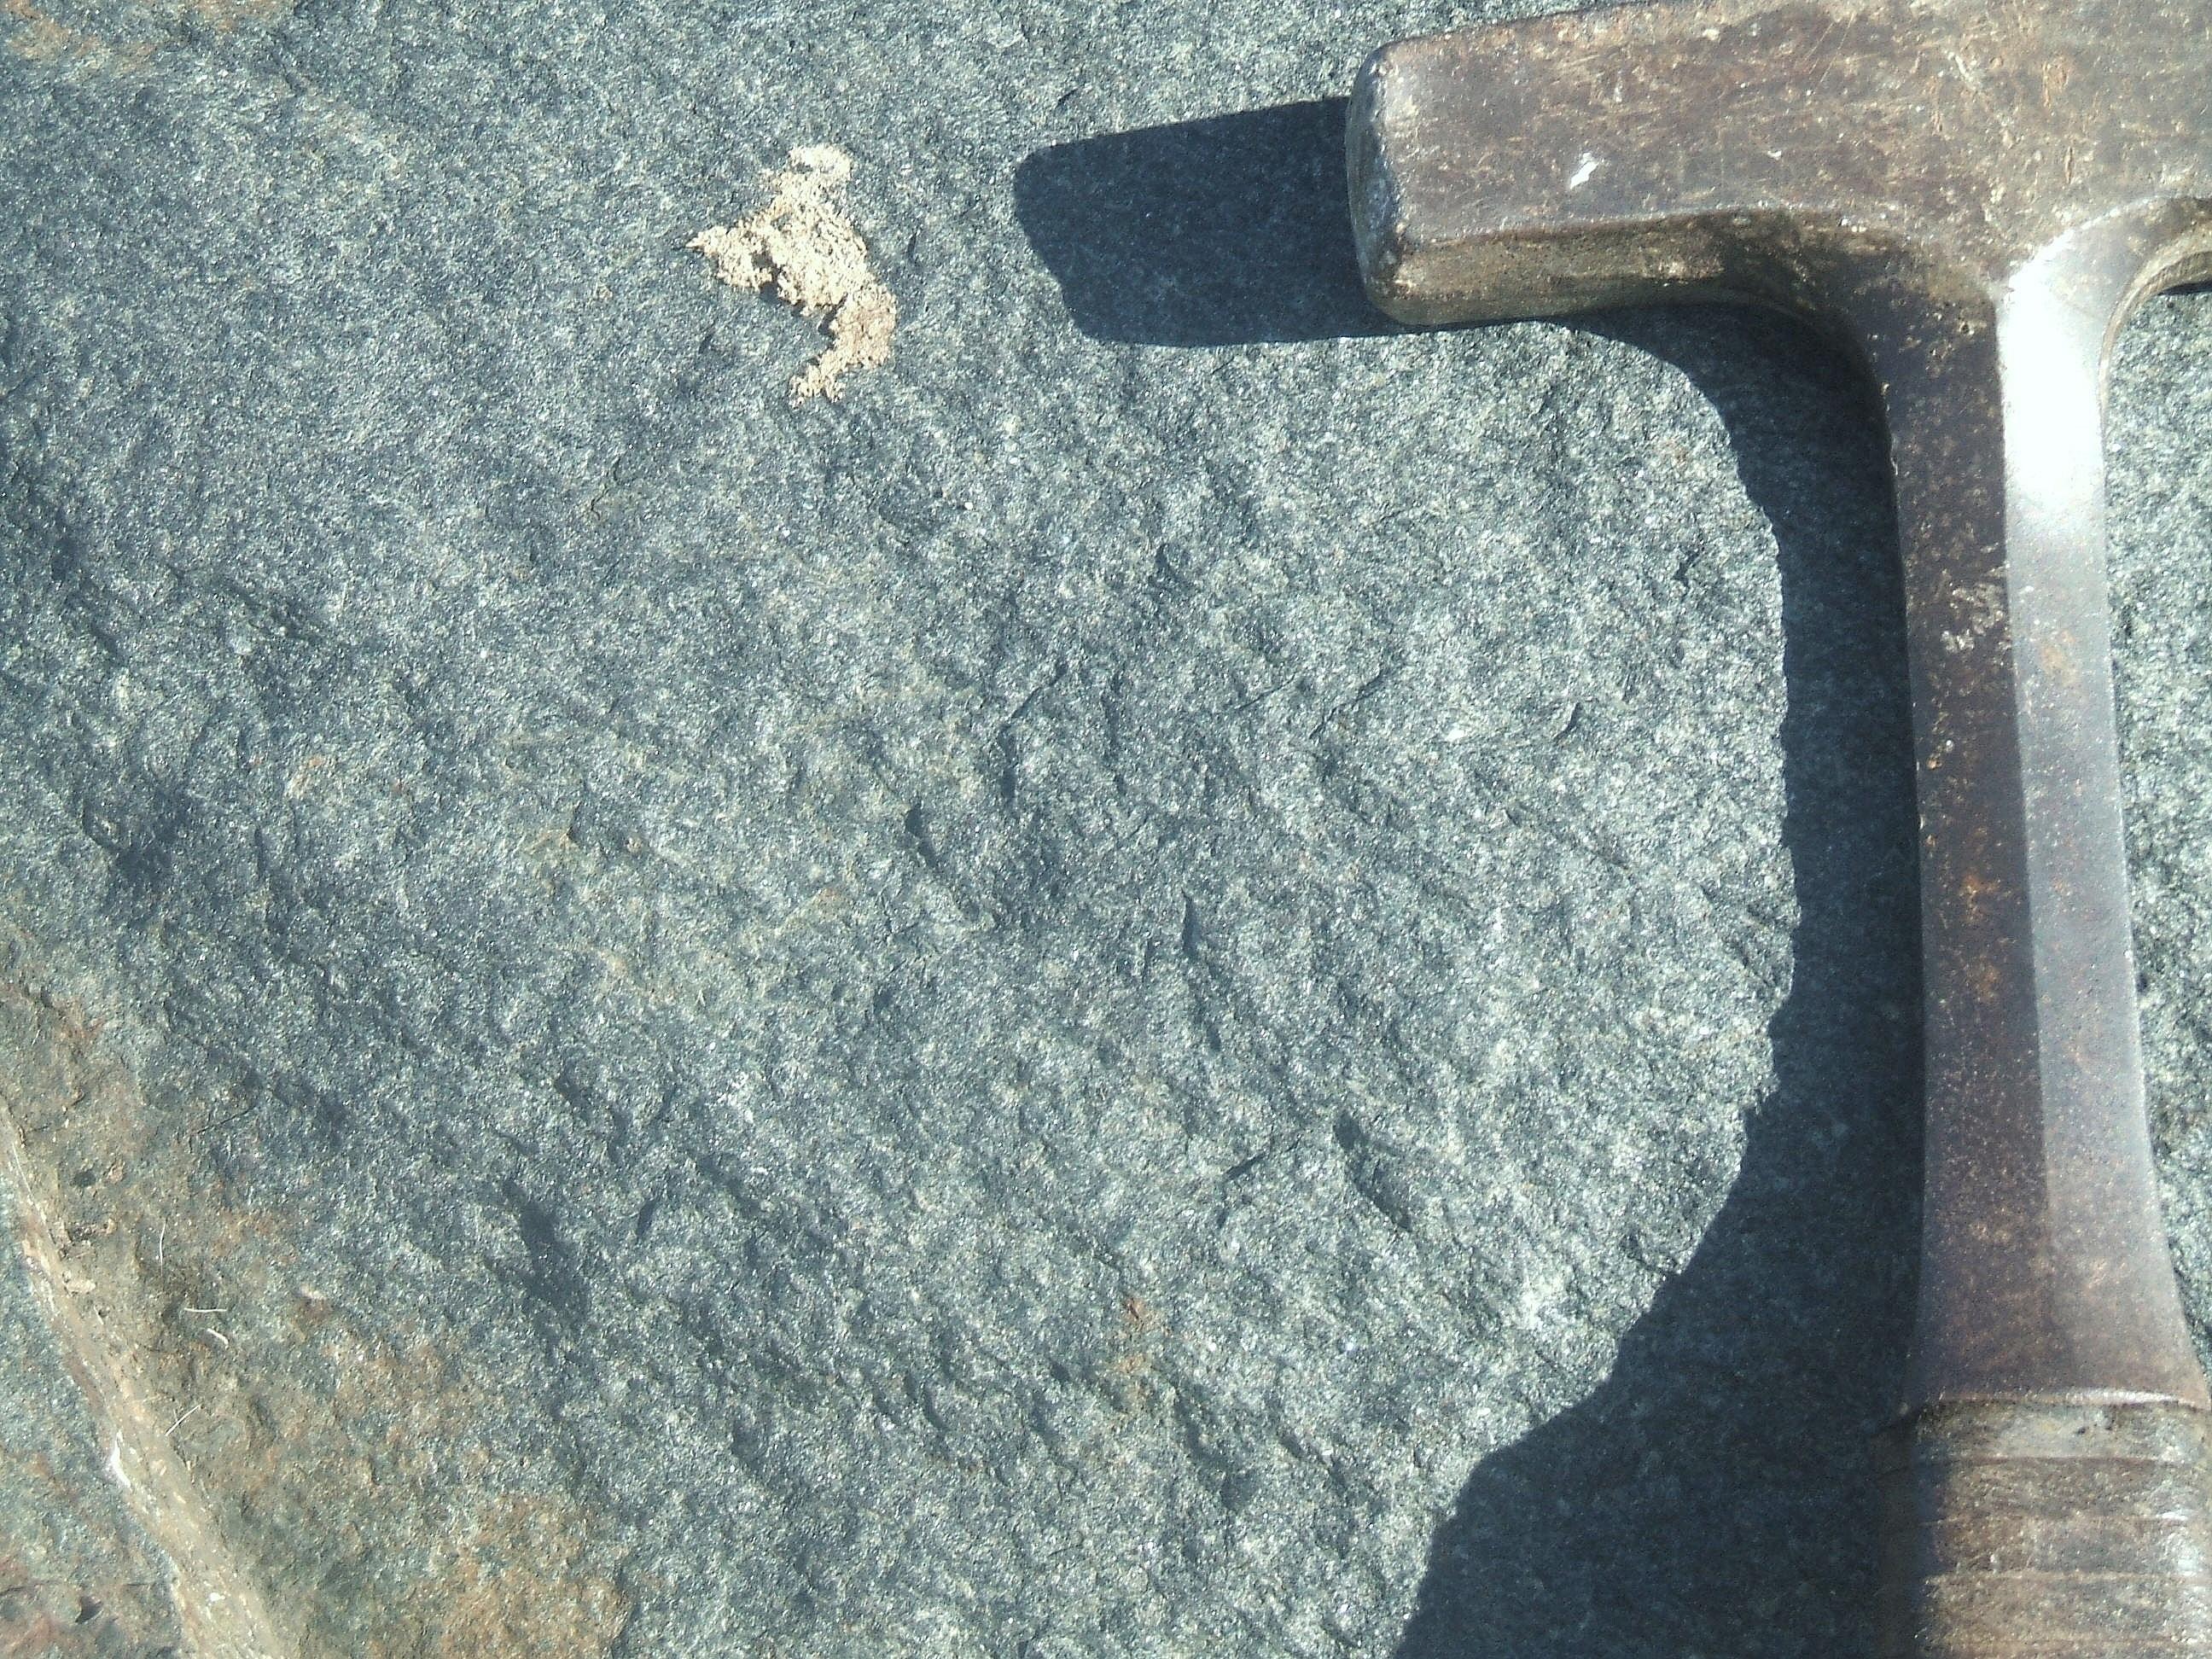 Afloramiento de jade jadeítico en el mélange de la sierra El Convento, en el oriente de Cuba